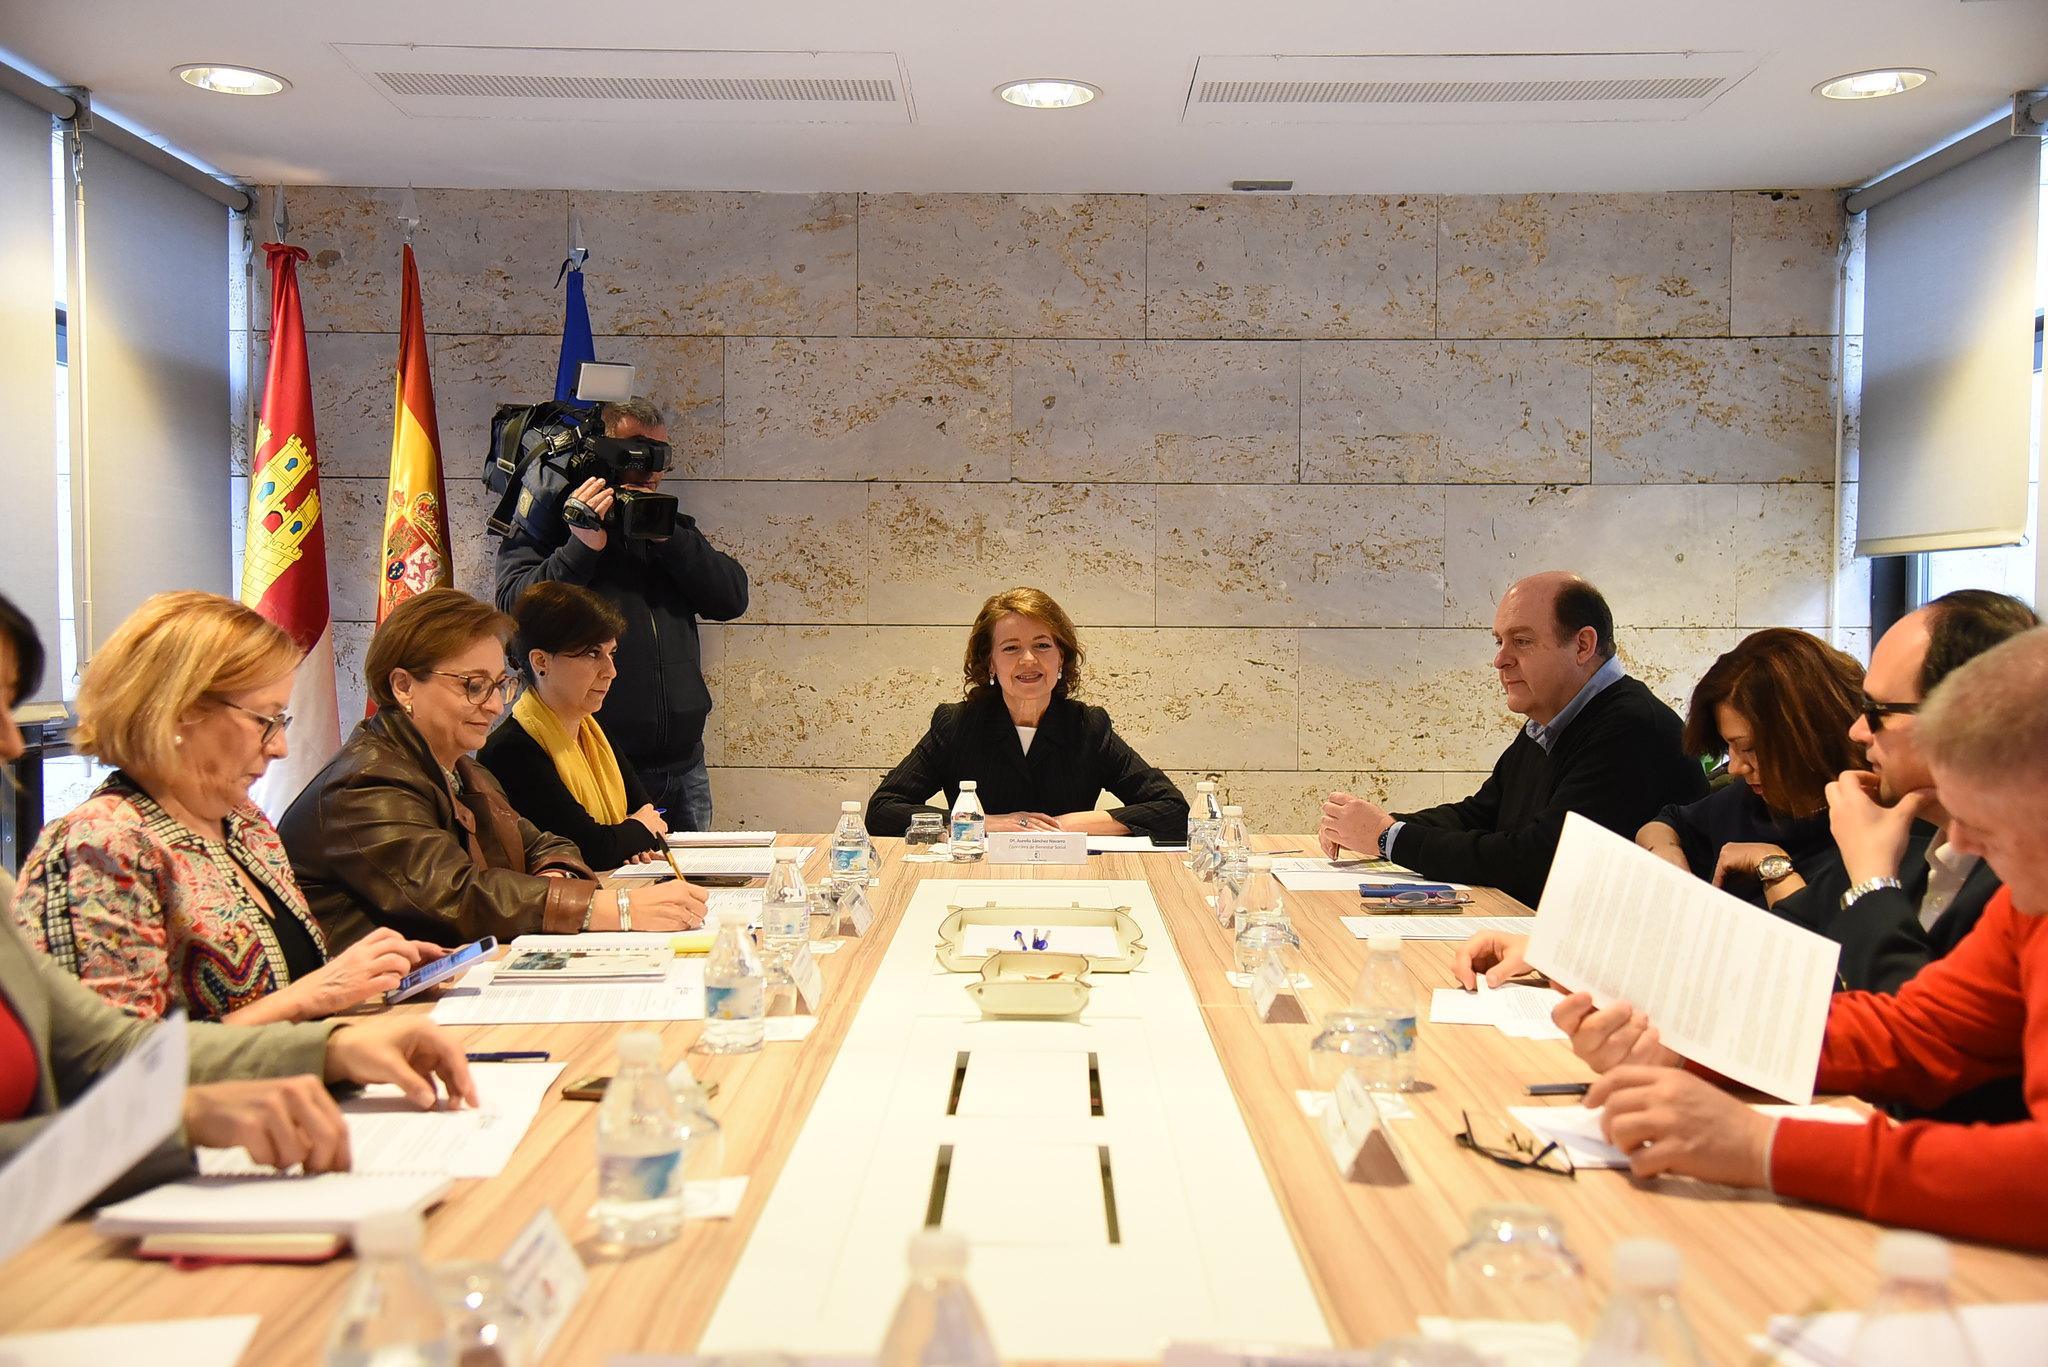 La consejera de Bienestar Social, Aurelia Sánchez, mantiene una reunión con la Mesa del Tercer Sector de Castilla-La Mancha